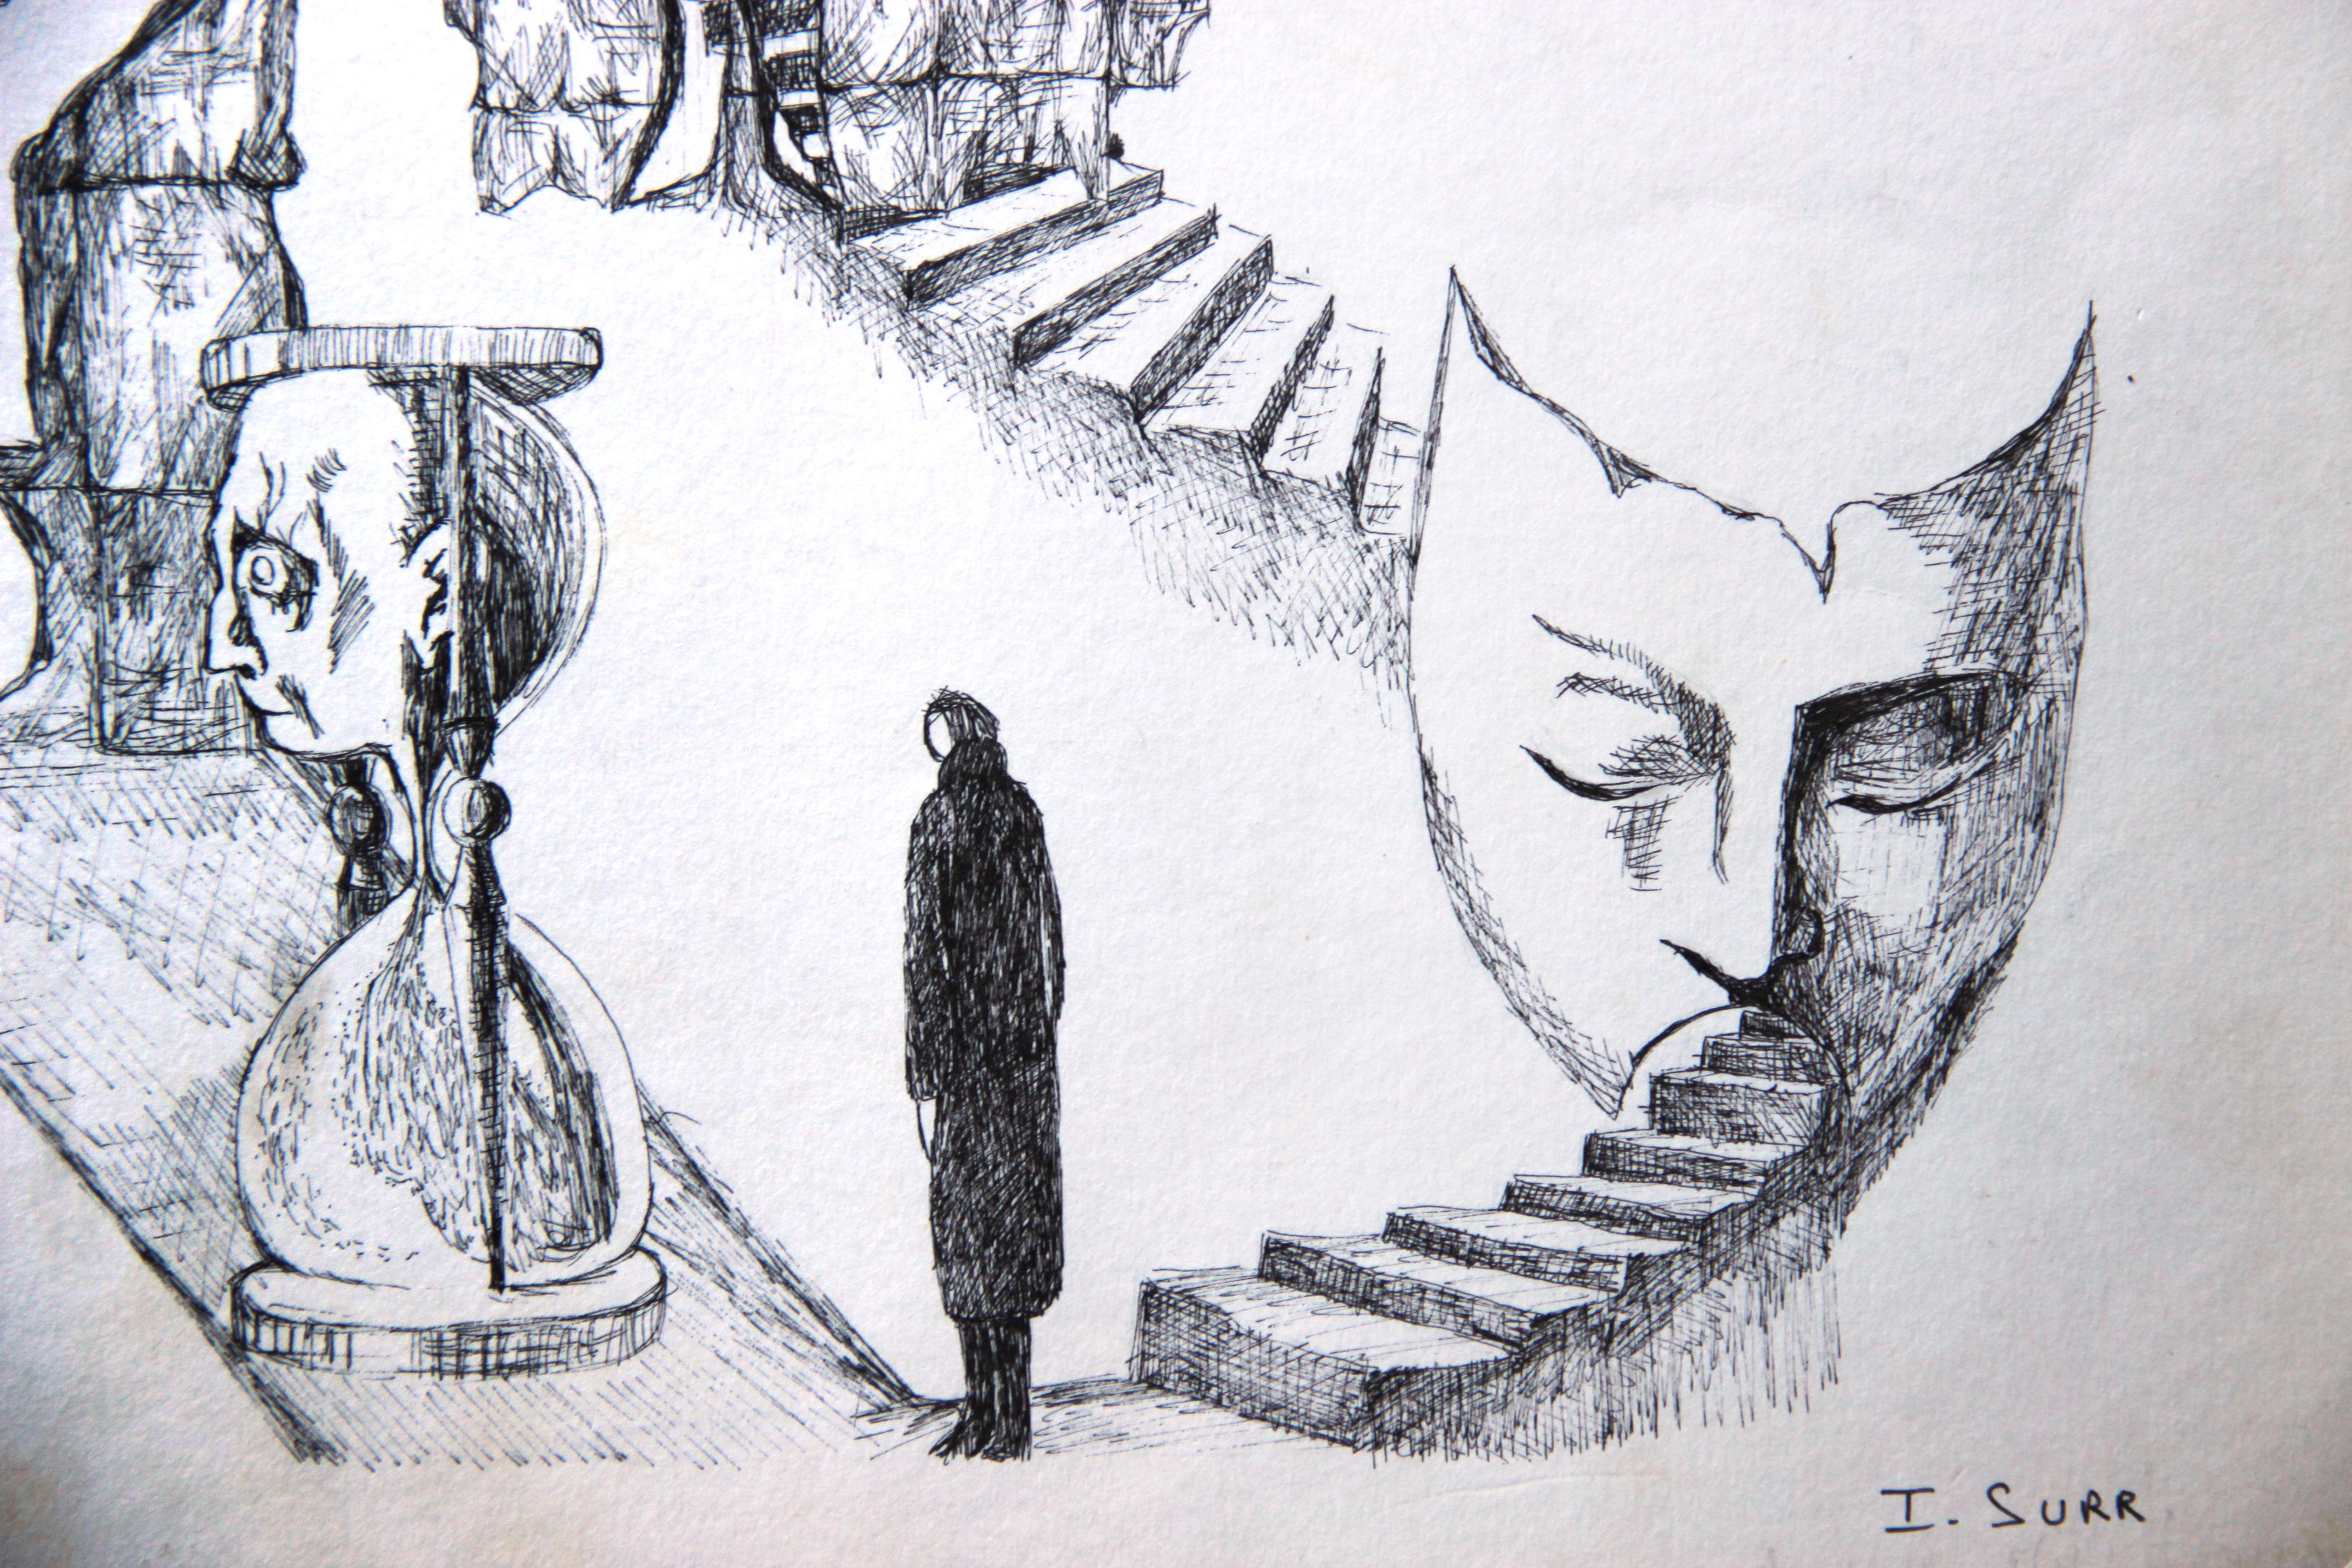 Escaliers détail 1 - Croquis - Isabelle Milléquant Surr